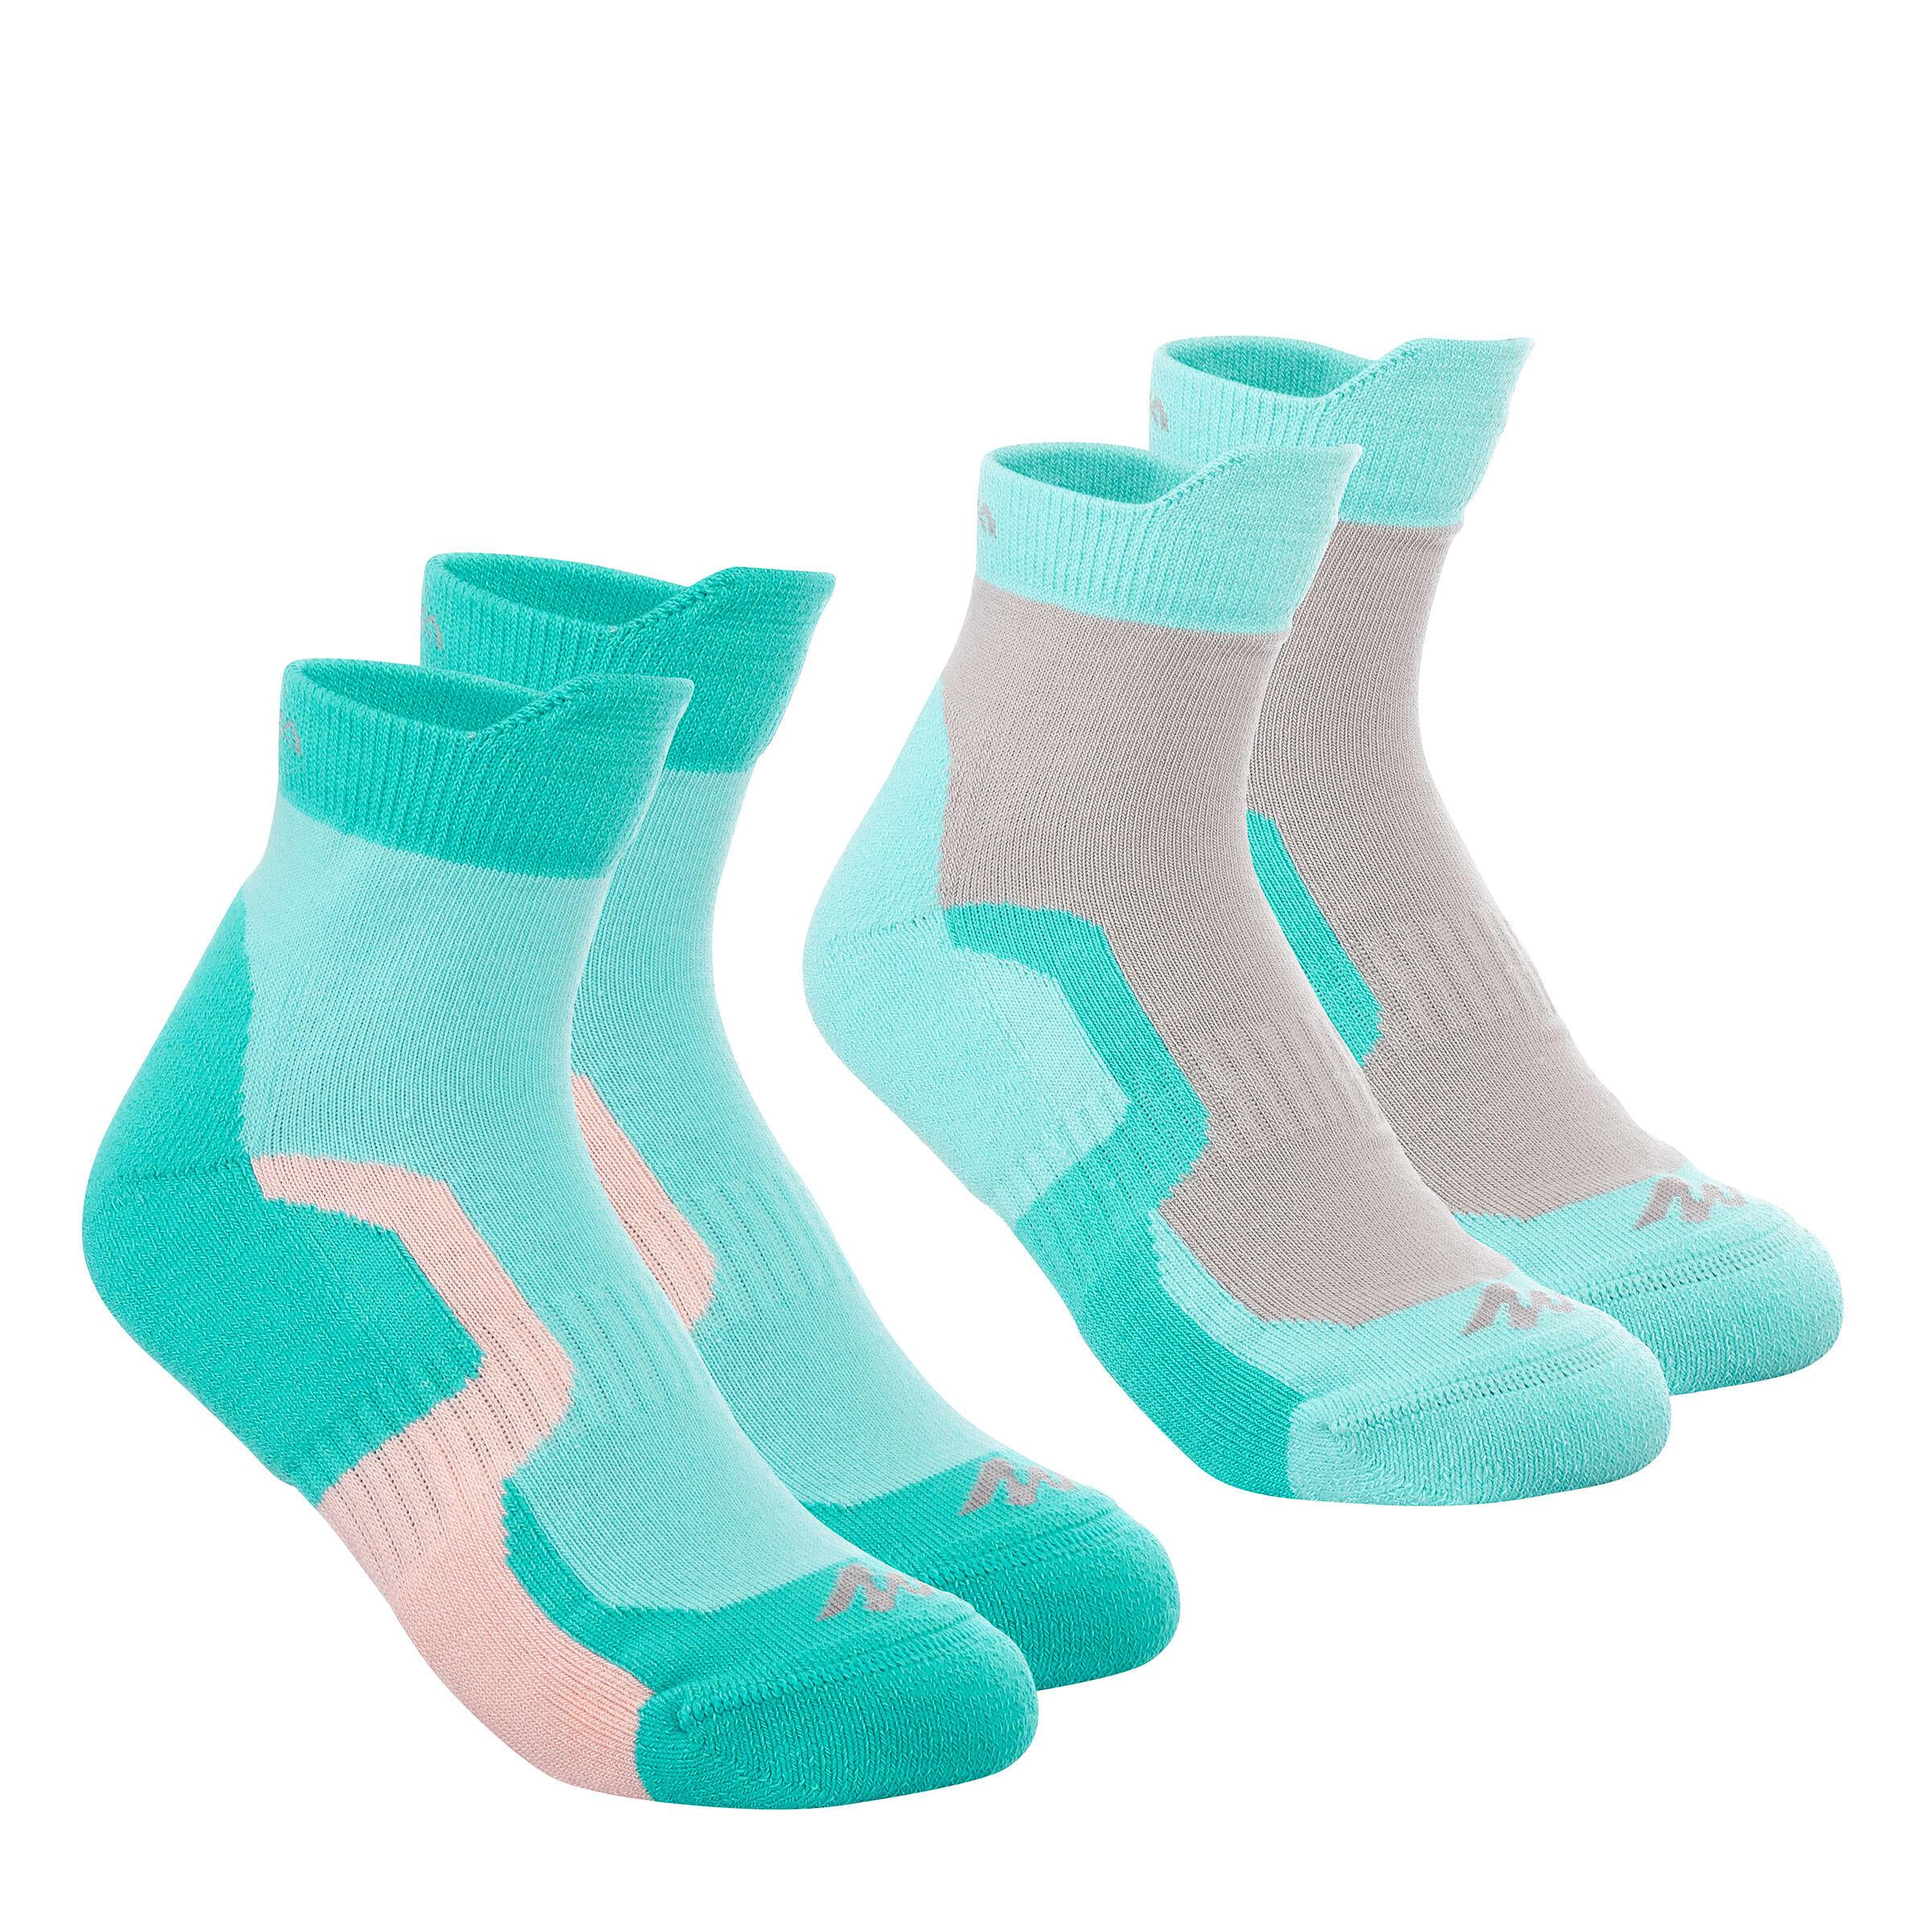 Crossocks Children's Quarter Mountain Hiking Socks 2-Pack - Turquoise